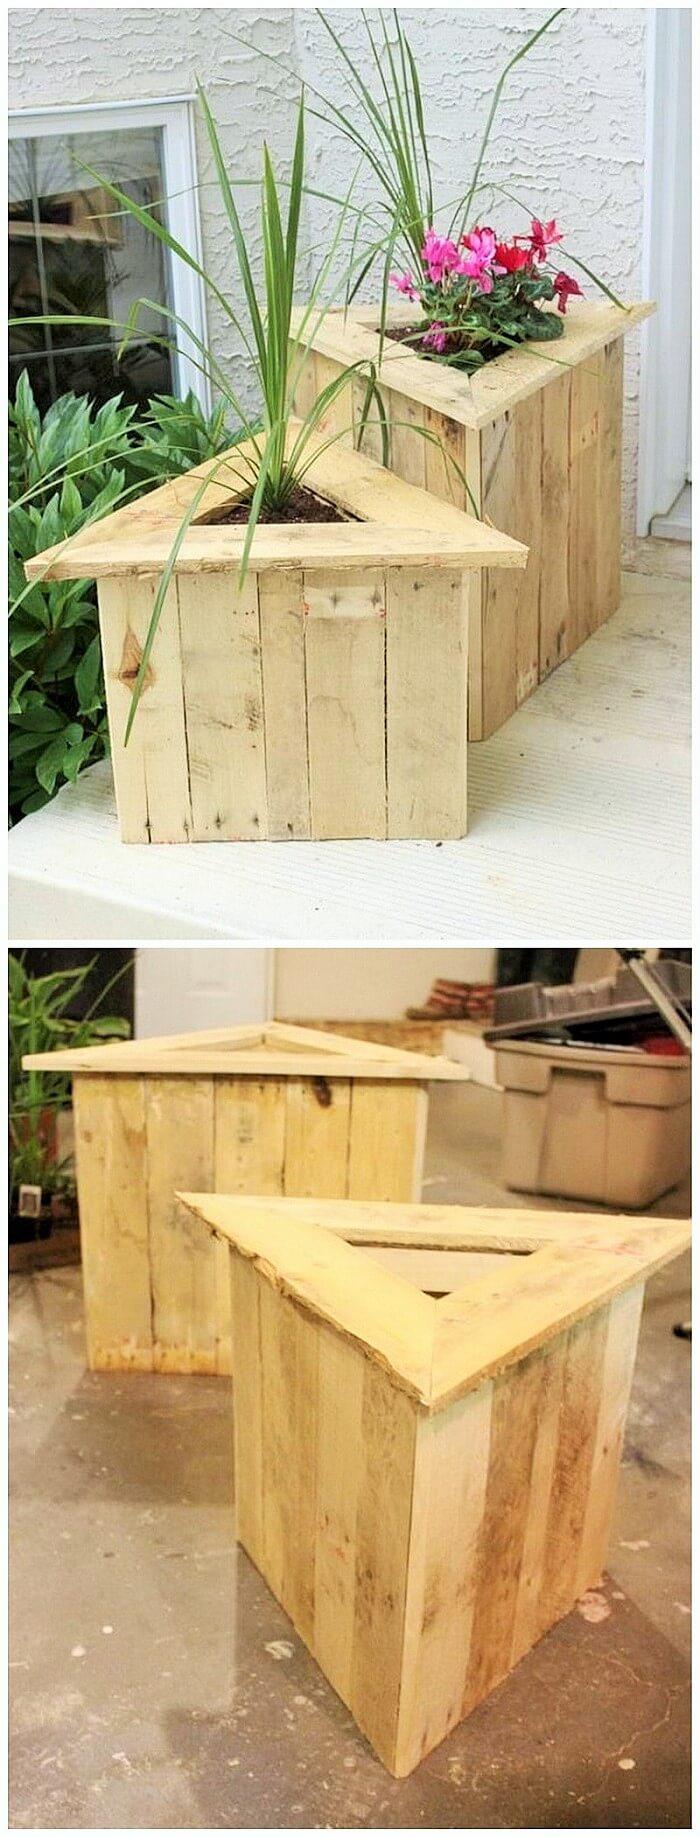 wood-pallet-planters-Ideas-5 (2)